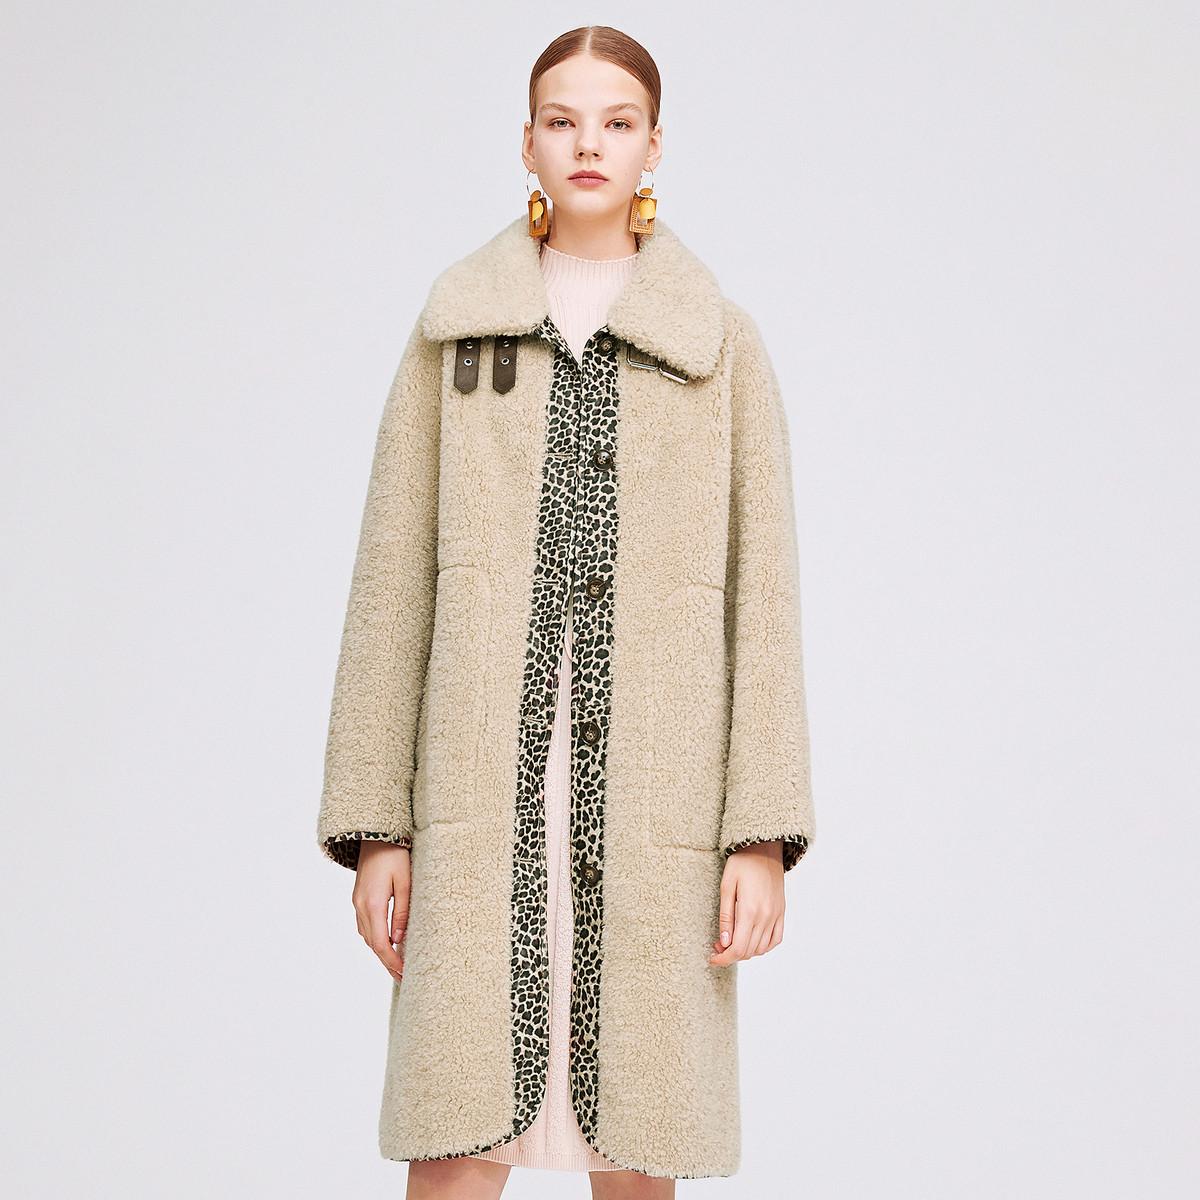 诗篇影儿诗篇2019年冬季新品时尚豹纹中长款外套6C5958016077